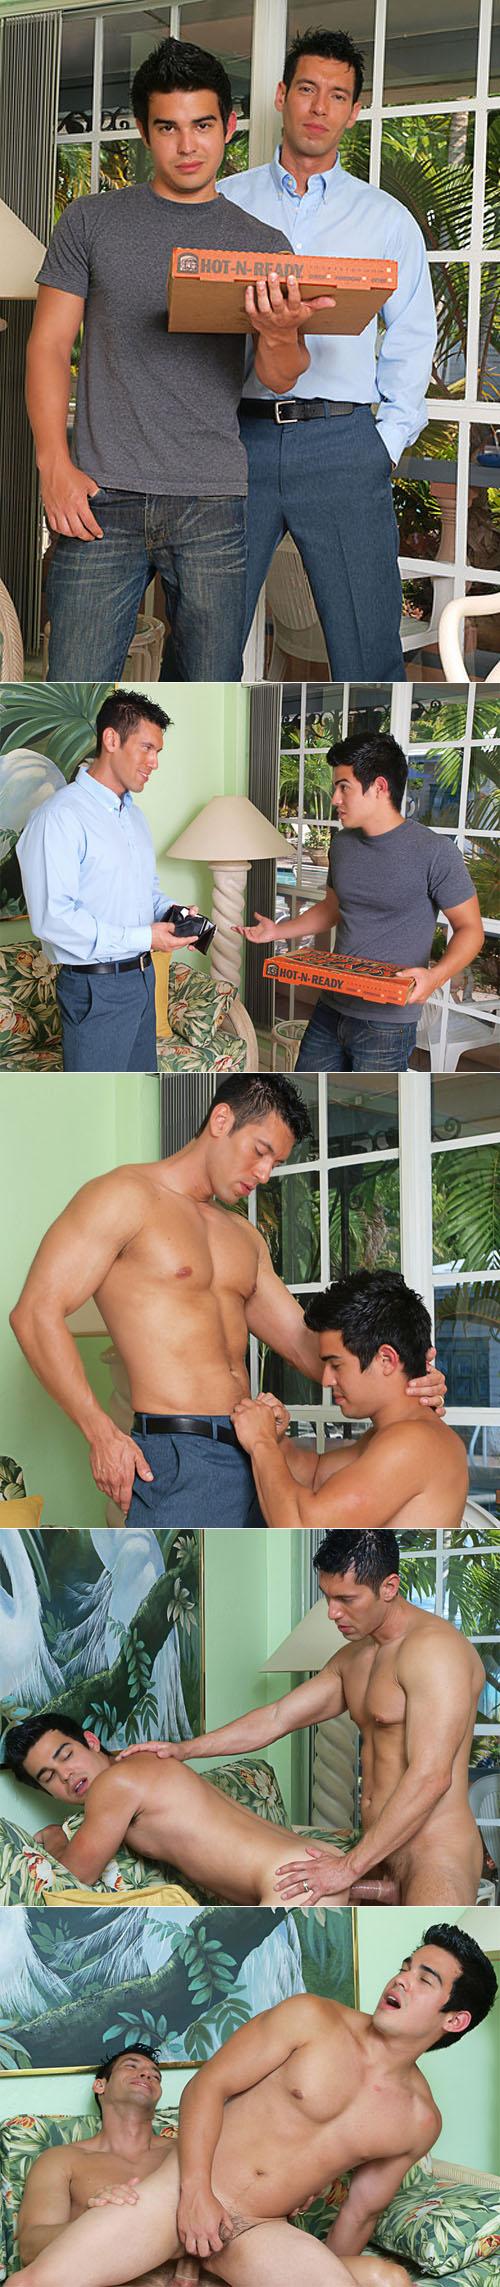 entregador-de-pizza-1